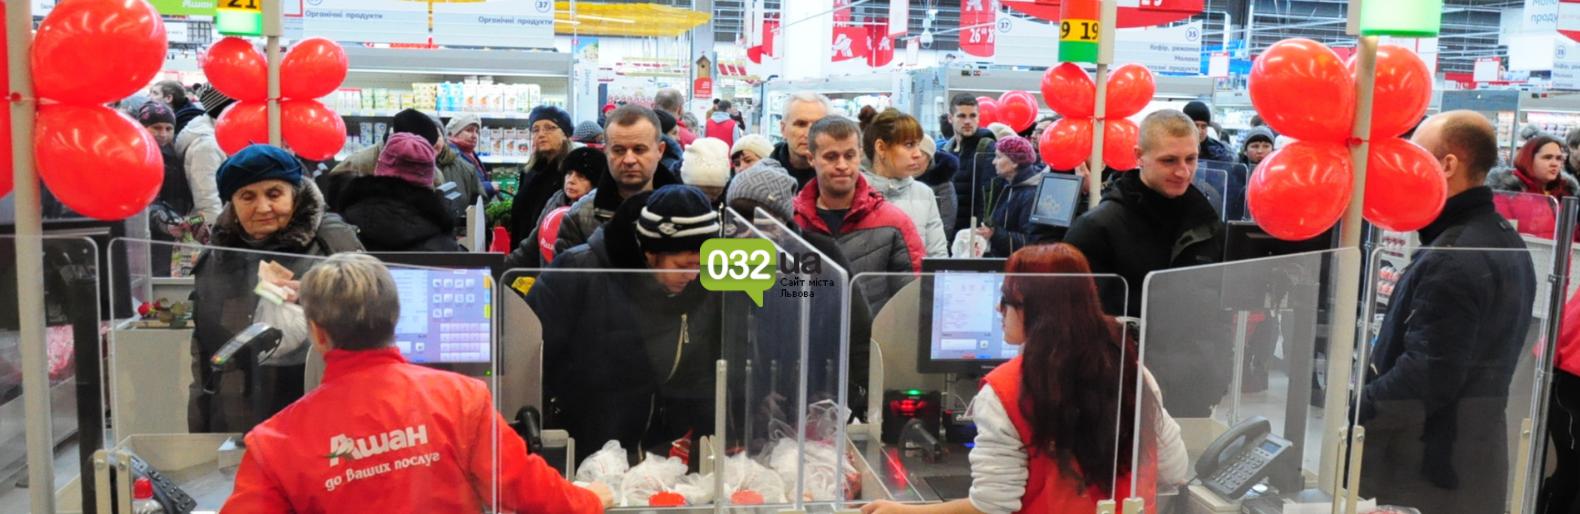 """f1304084c022a3 Як виглядає новий """"Ашан"""" у Львові, - ФОТО, ЦІНИ - 032.ua"""